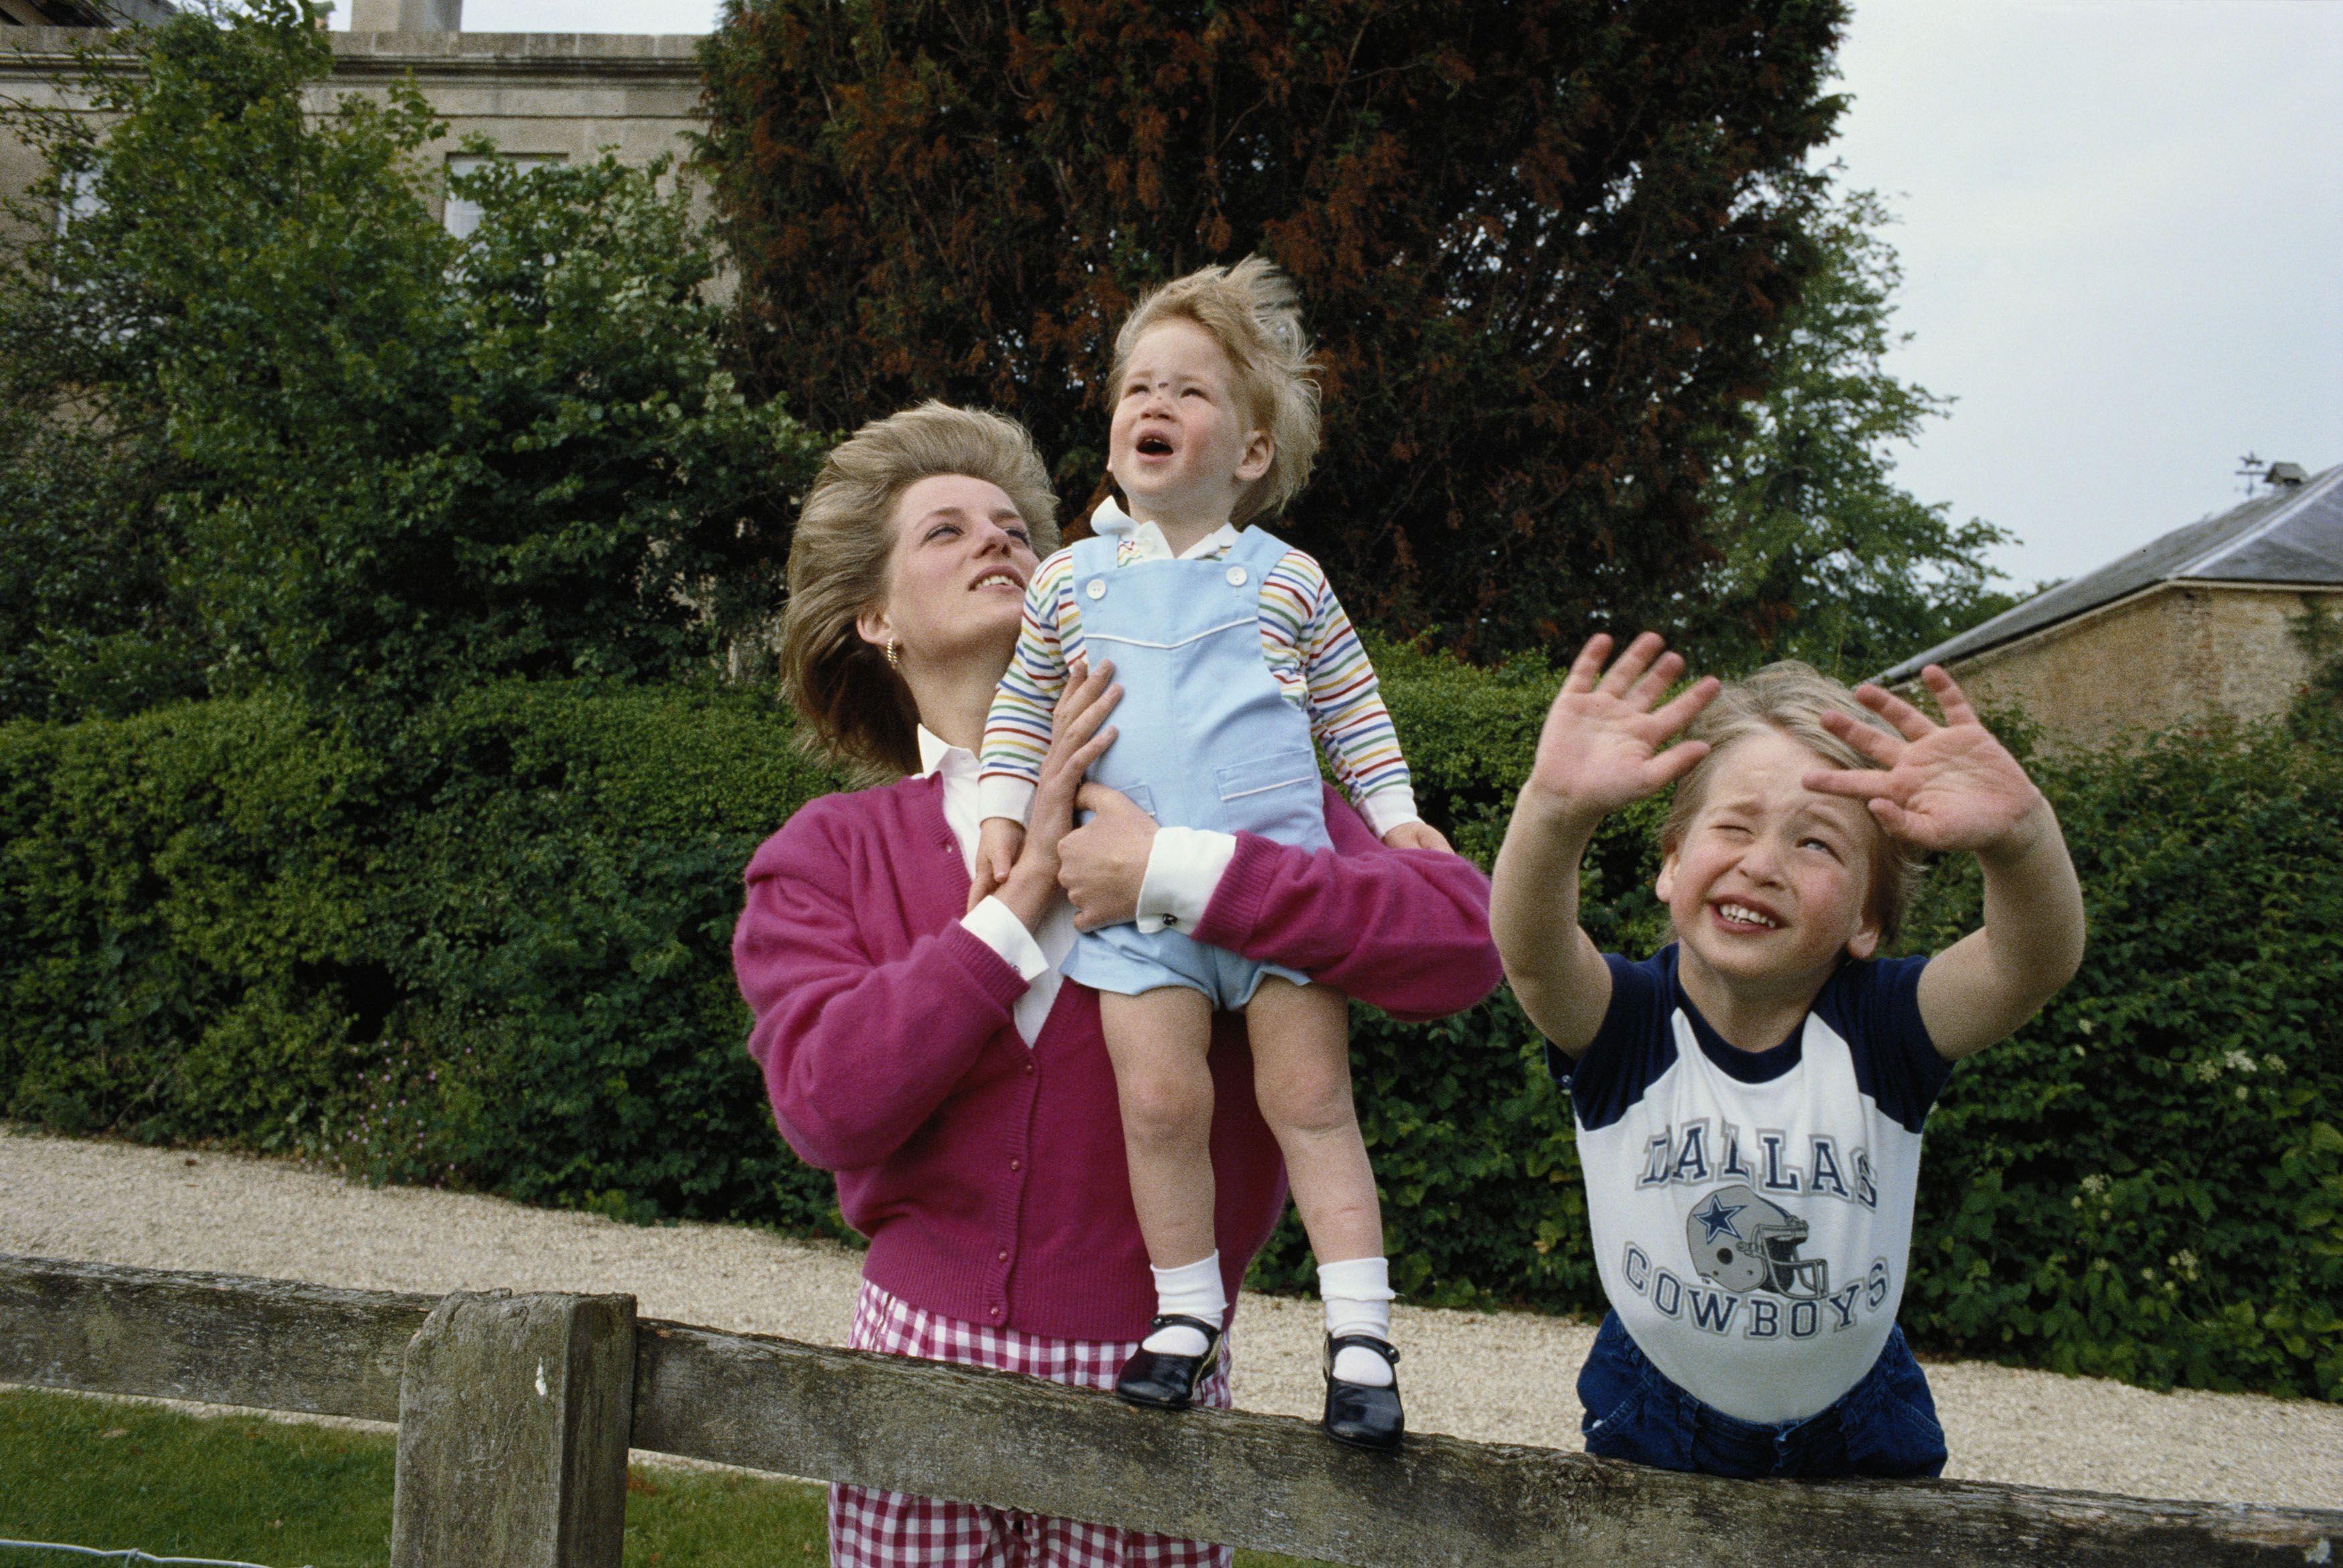 写真集】ウィリアム&ハリー王子のあどけない表情 エスクァイア